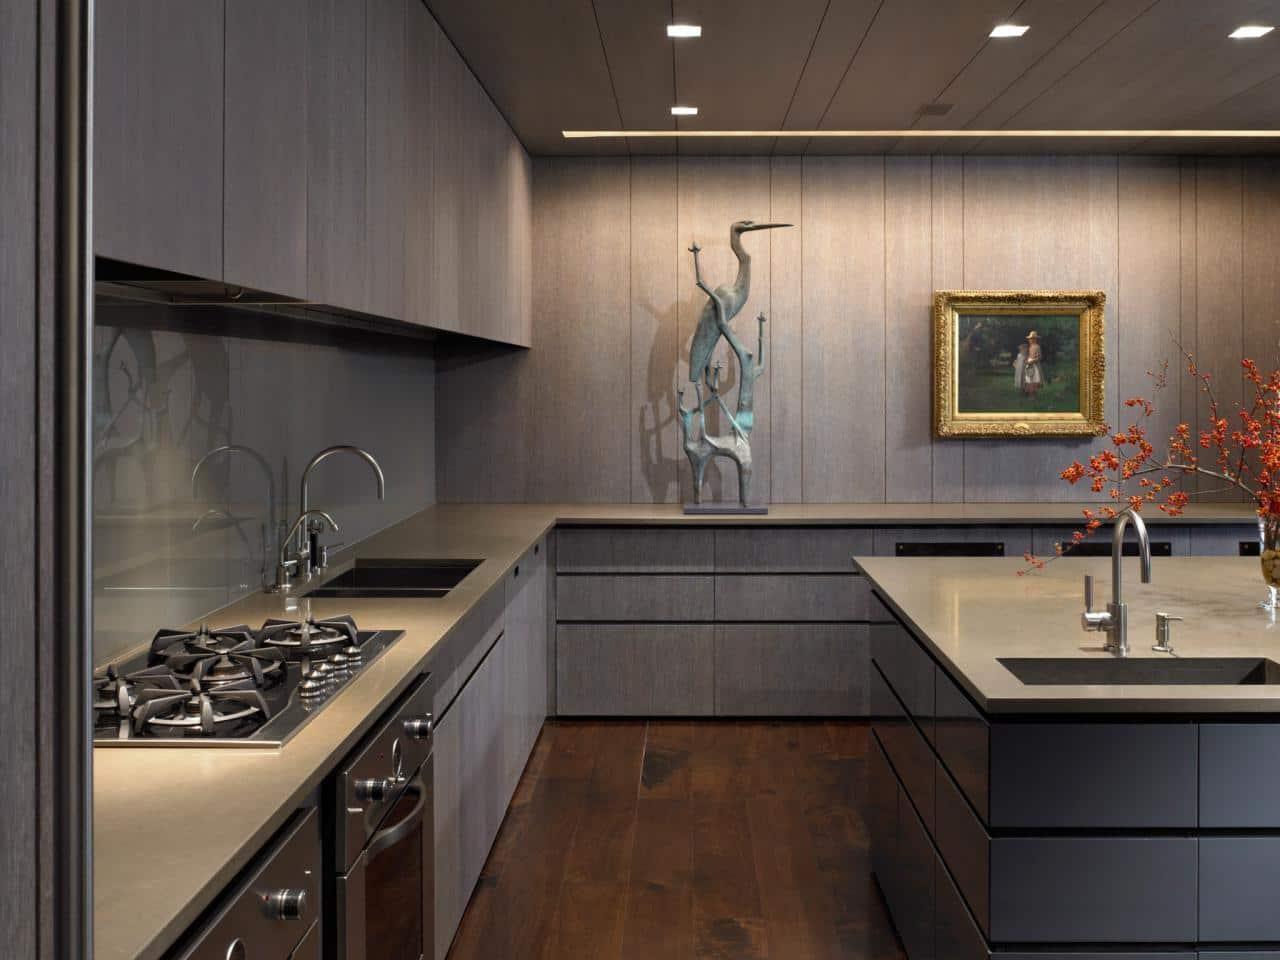 Глубокие и спокойные оттенки серого цвета легко сочетаются с коричневой цветовой гаммой